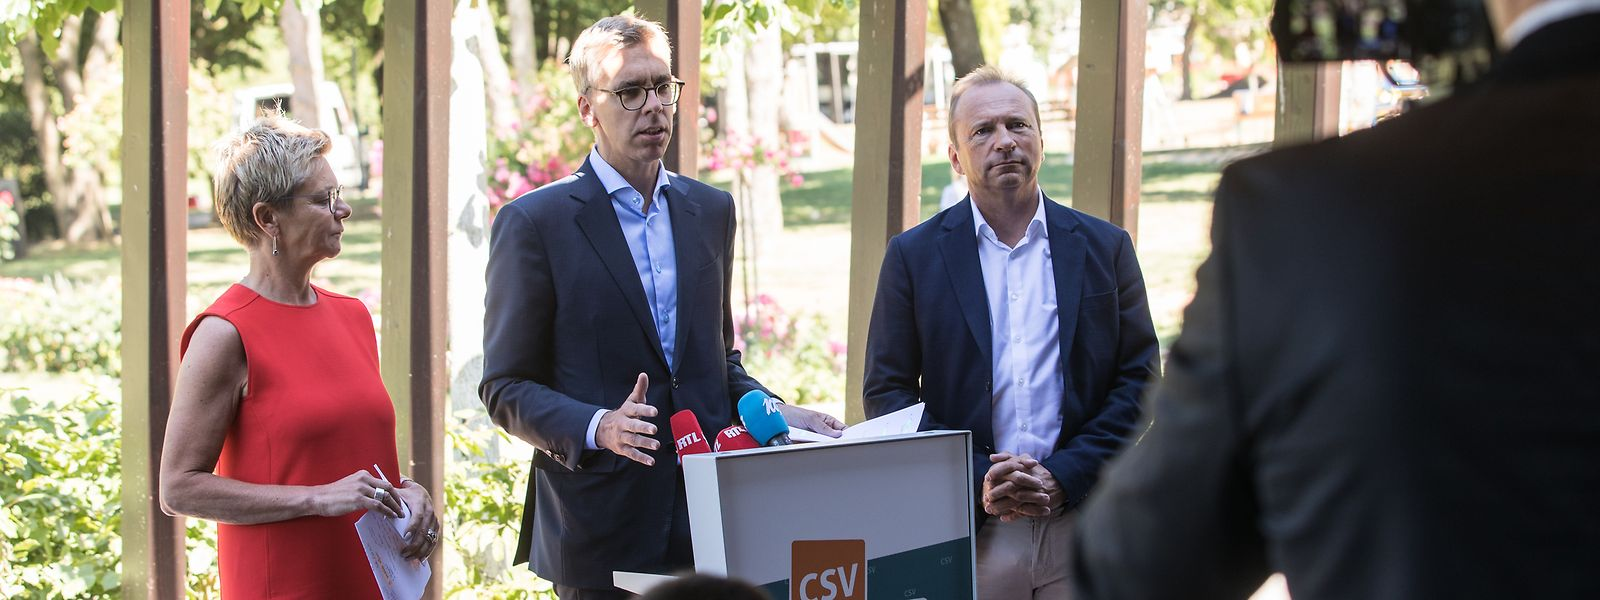 Fraktionspräsidentin Martine Hansen mit ihren Stellvertretern Léon Gloden und Gilles Roth (v.l.n.r.).